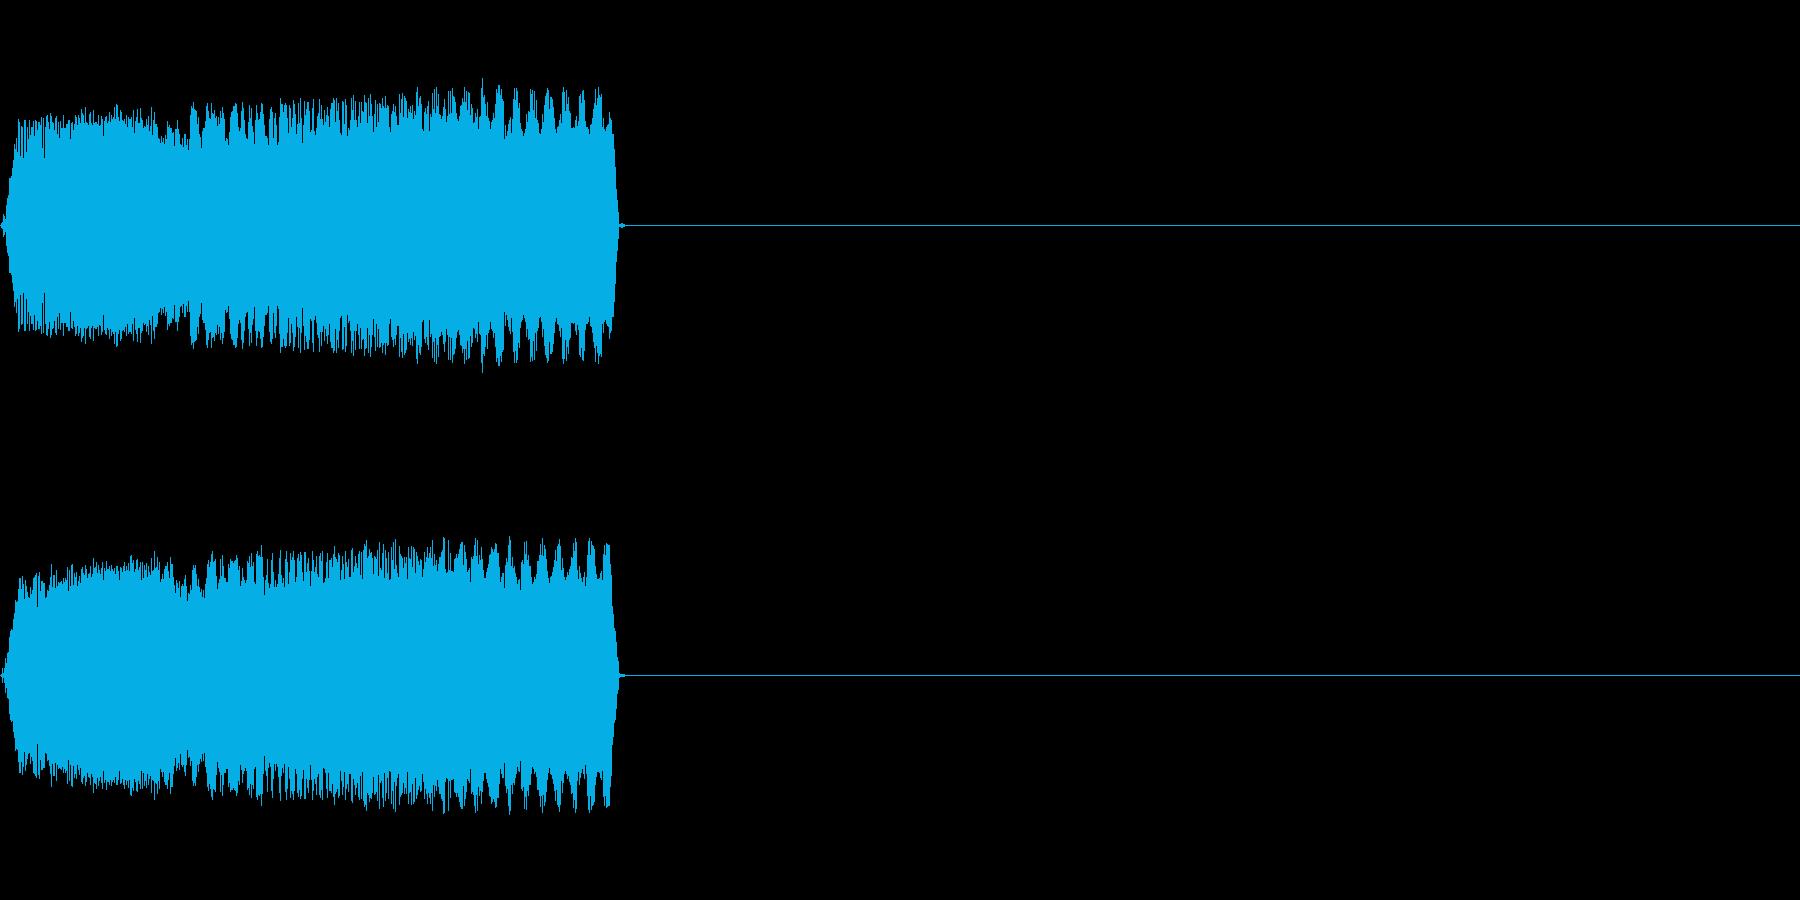 攻撃音09(ビーム)の再生済みの波形